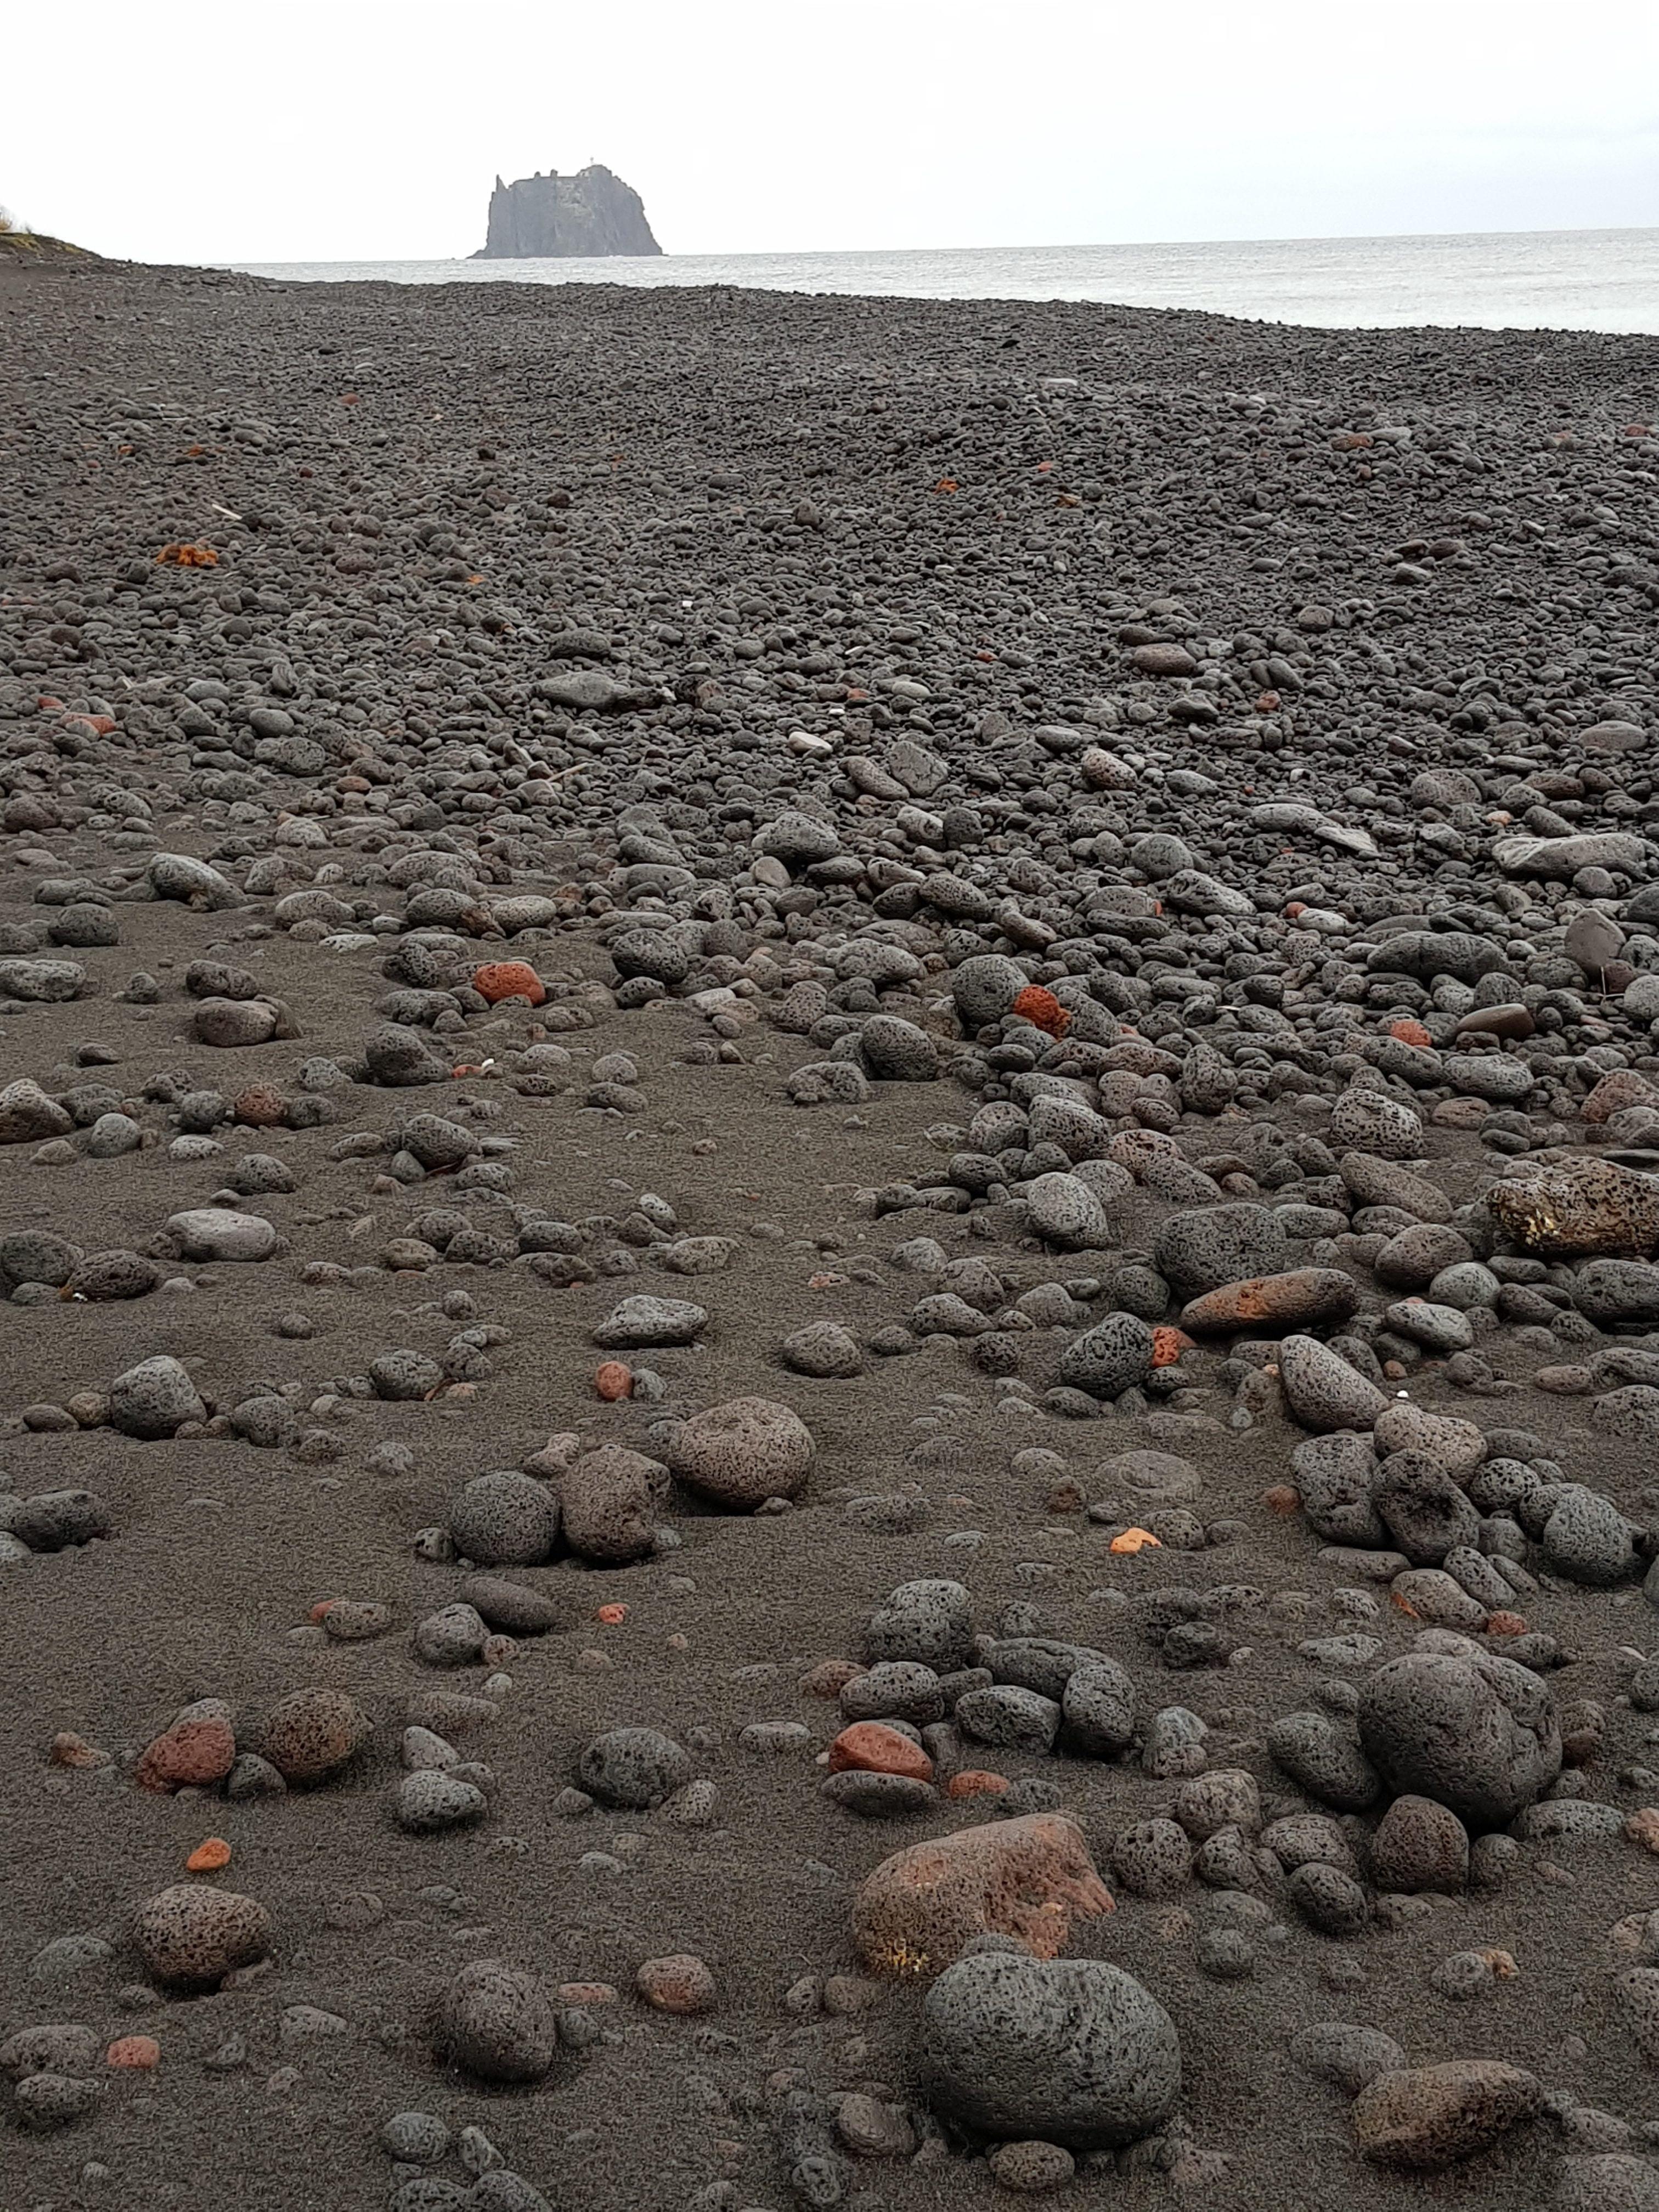 האדמה הוולקנית של האיים הגעשיים של סיציליה